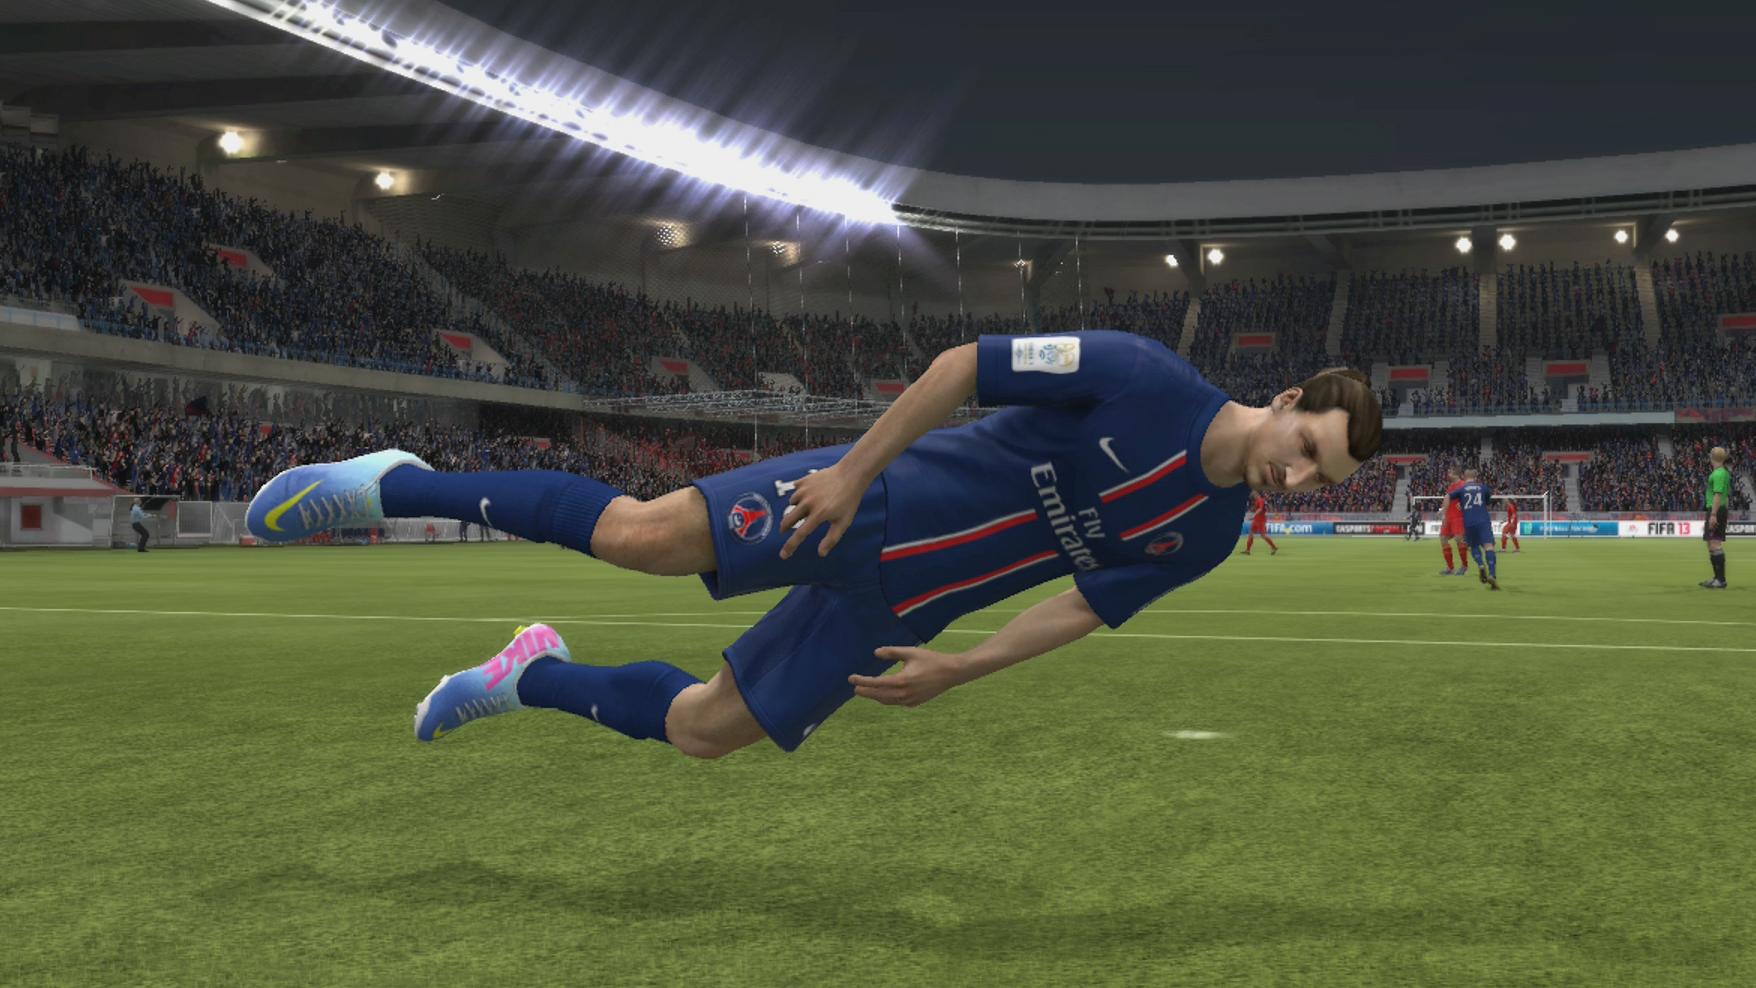 Momentos hilariantes em FIFA 14